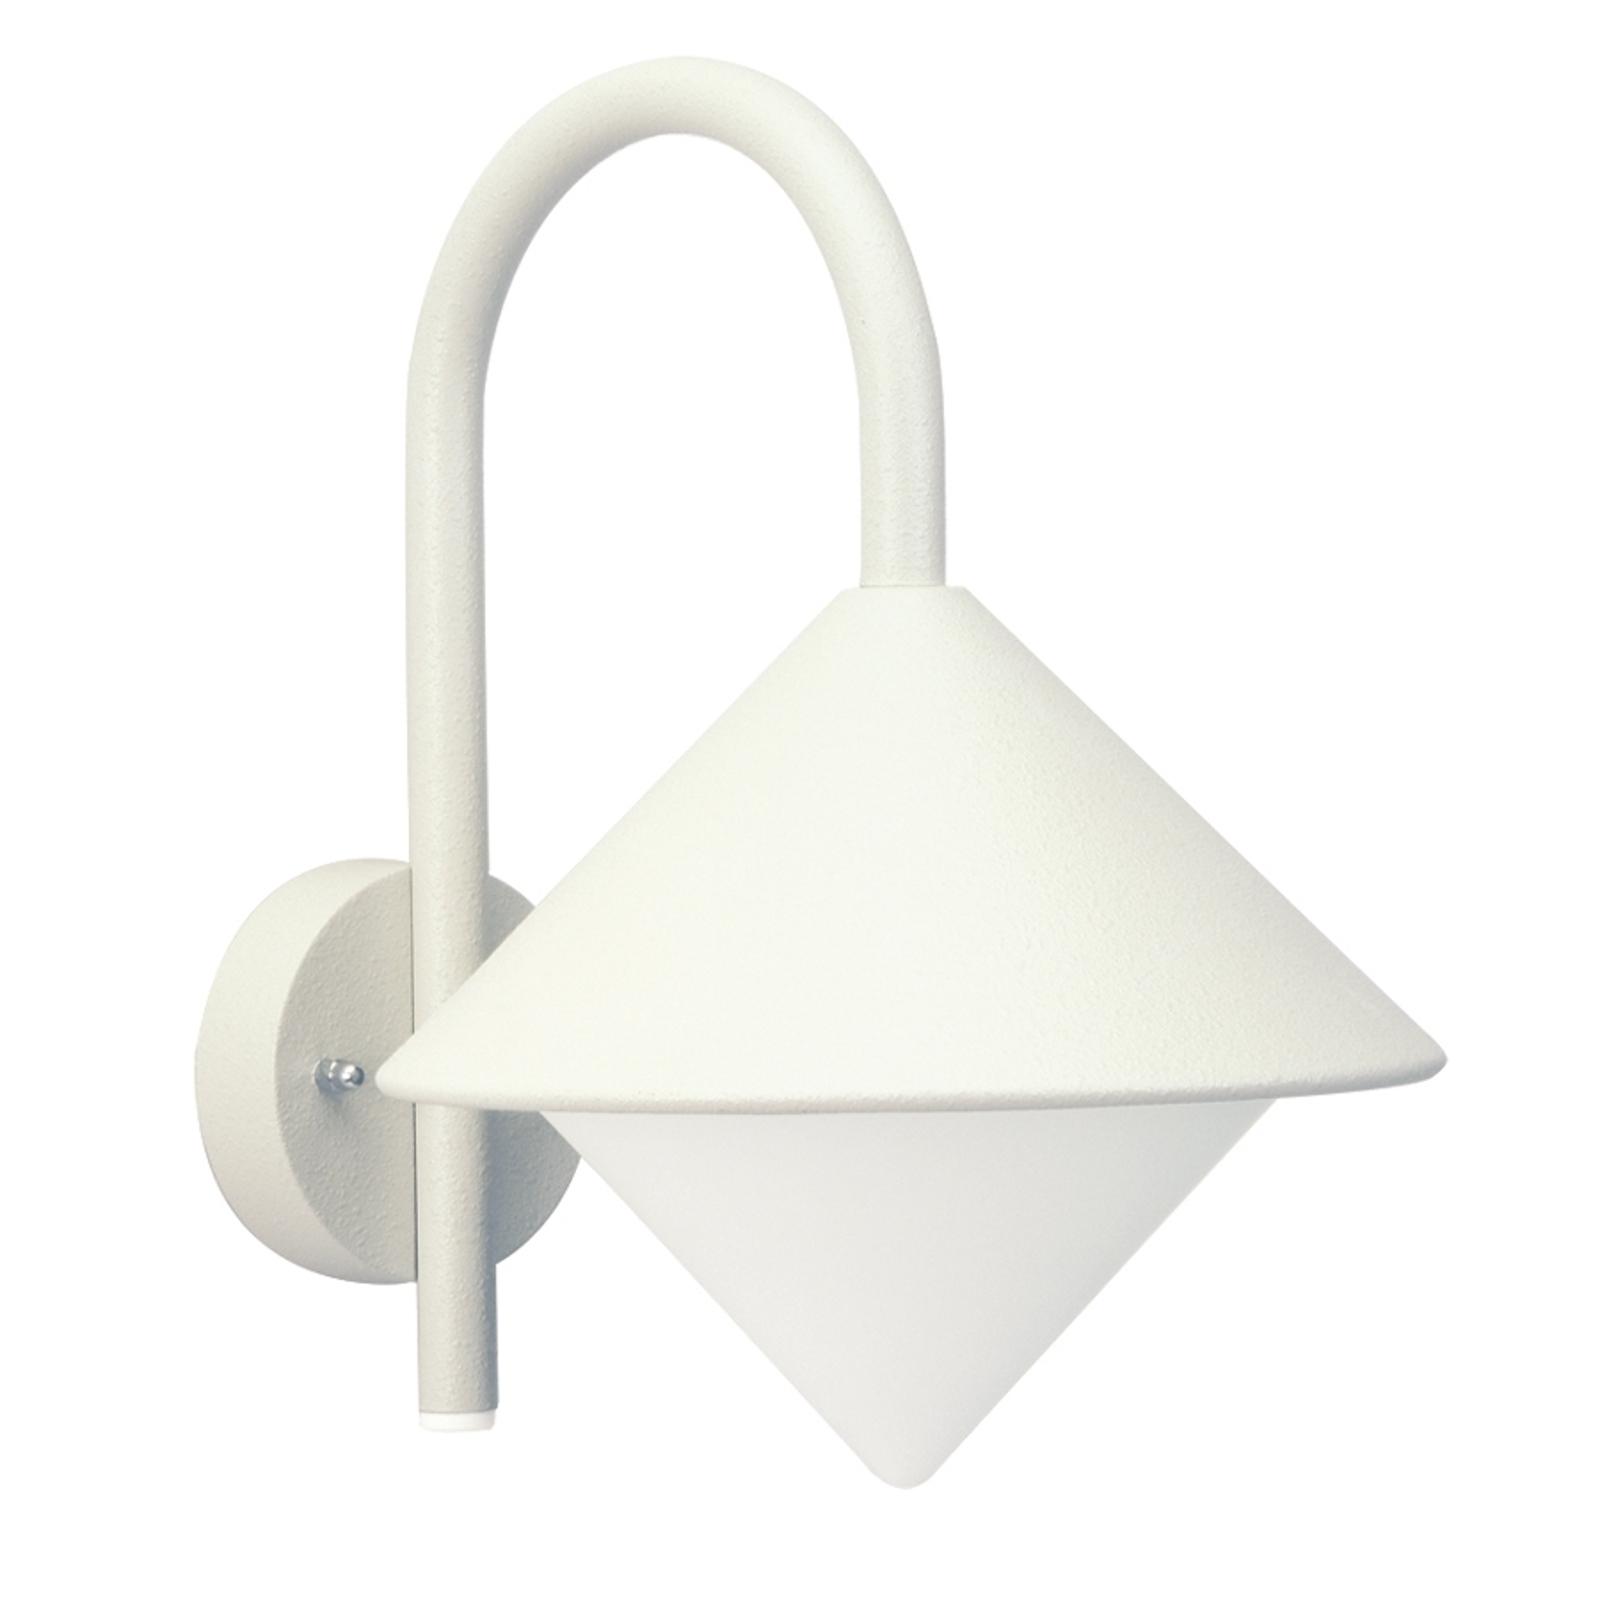 Zewnętrzna lampa ścienna Julieta biała